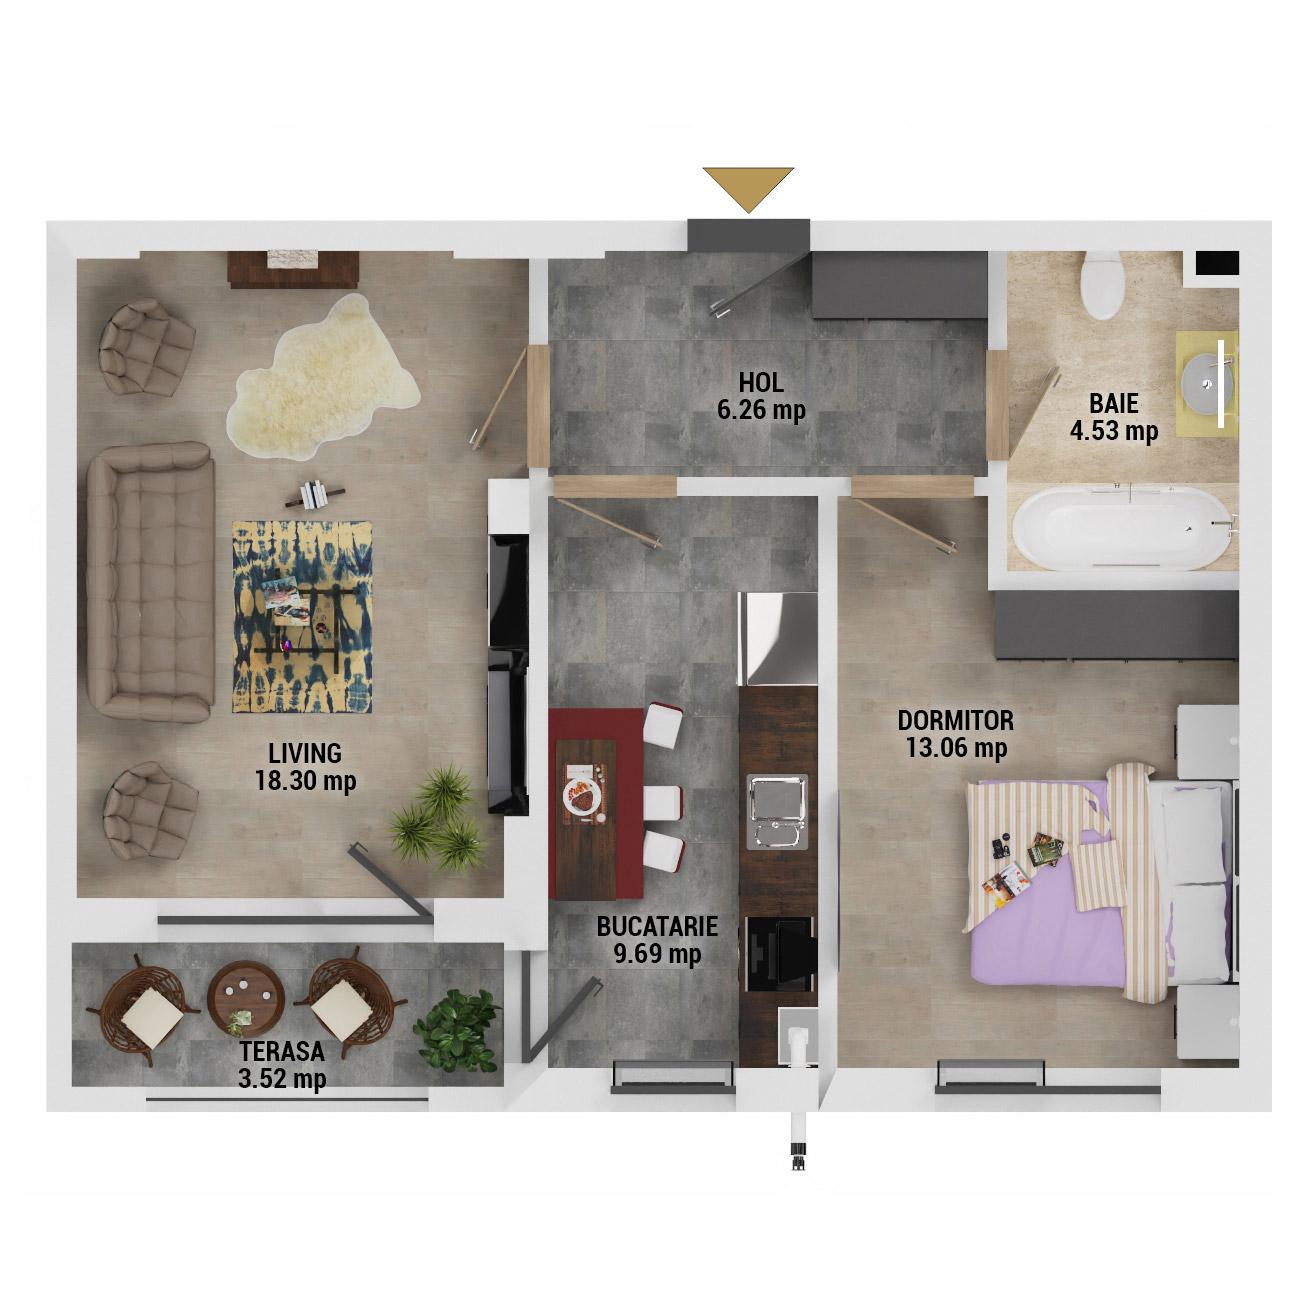 Apartament 2 camere de vanzare Bucuresti - Uverturii Residence - Militari - Lujerului - Gorjului - Tip 4D - T1 - D